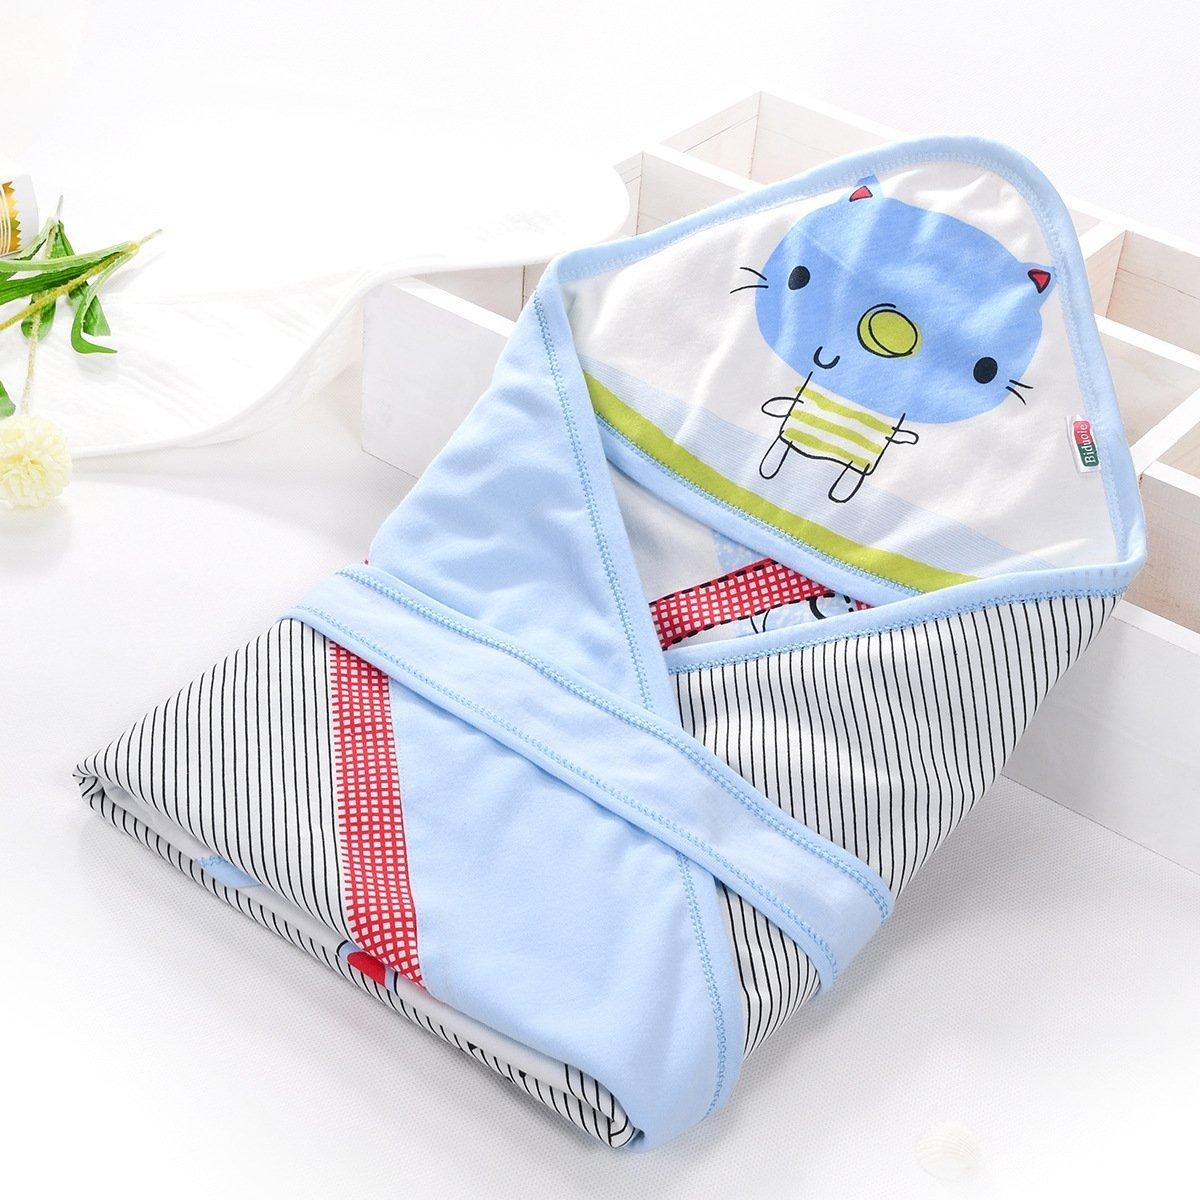 比多乐 婴幼儿抱被新生儿包被 婴儿全棉多功能包被宝宝外出抱毯抱被睡袋两用用品儿童狮子卡通包被春夏秋薄款 抱被+系带1个 6172款 (蓝色)